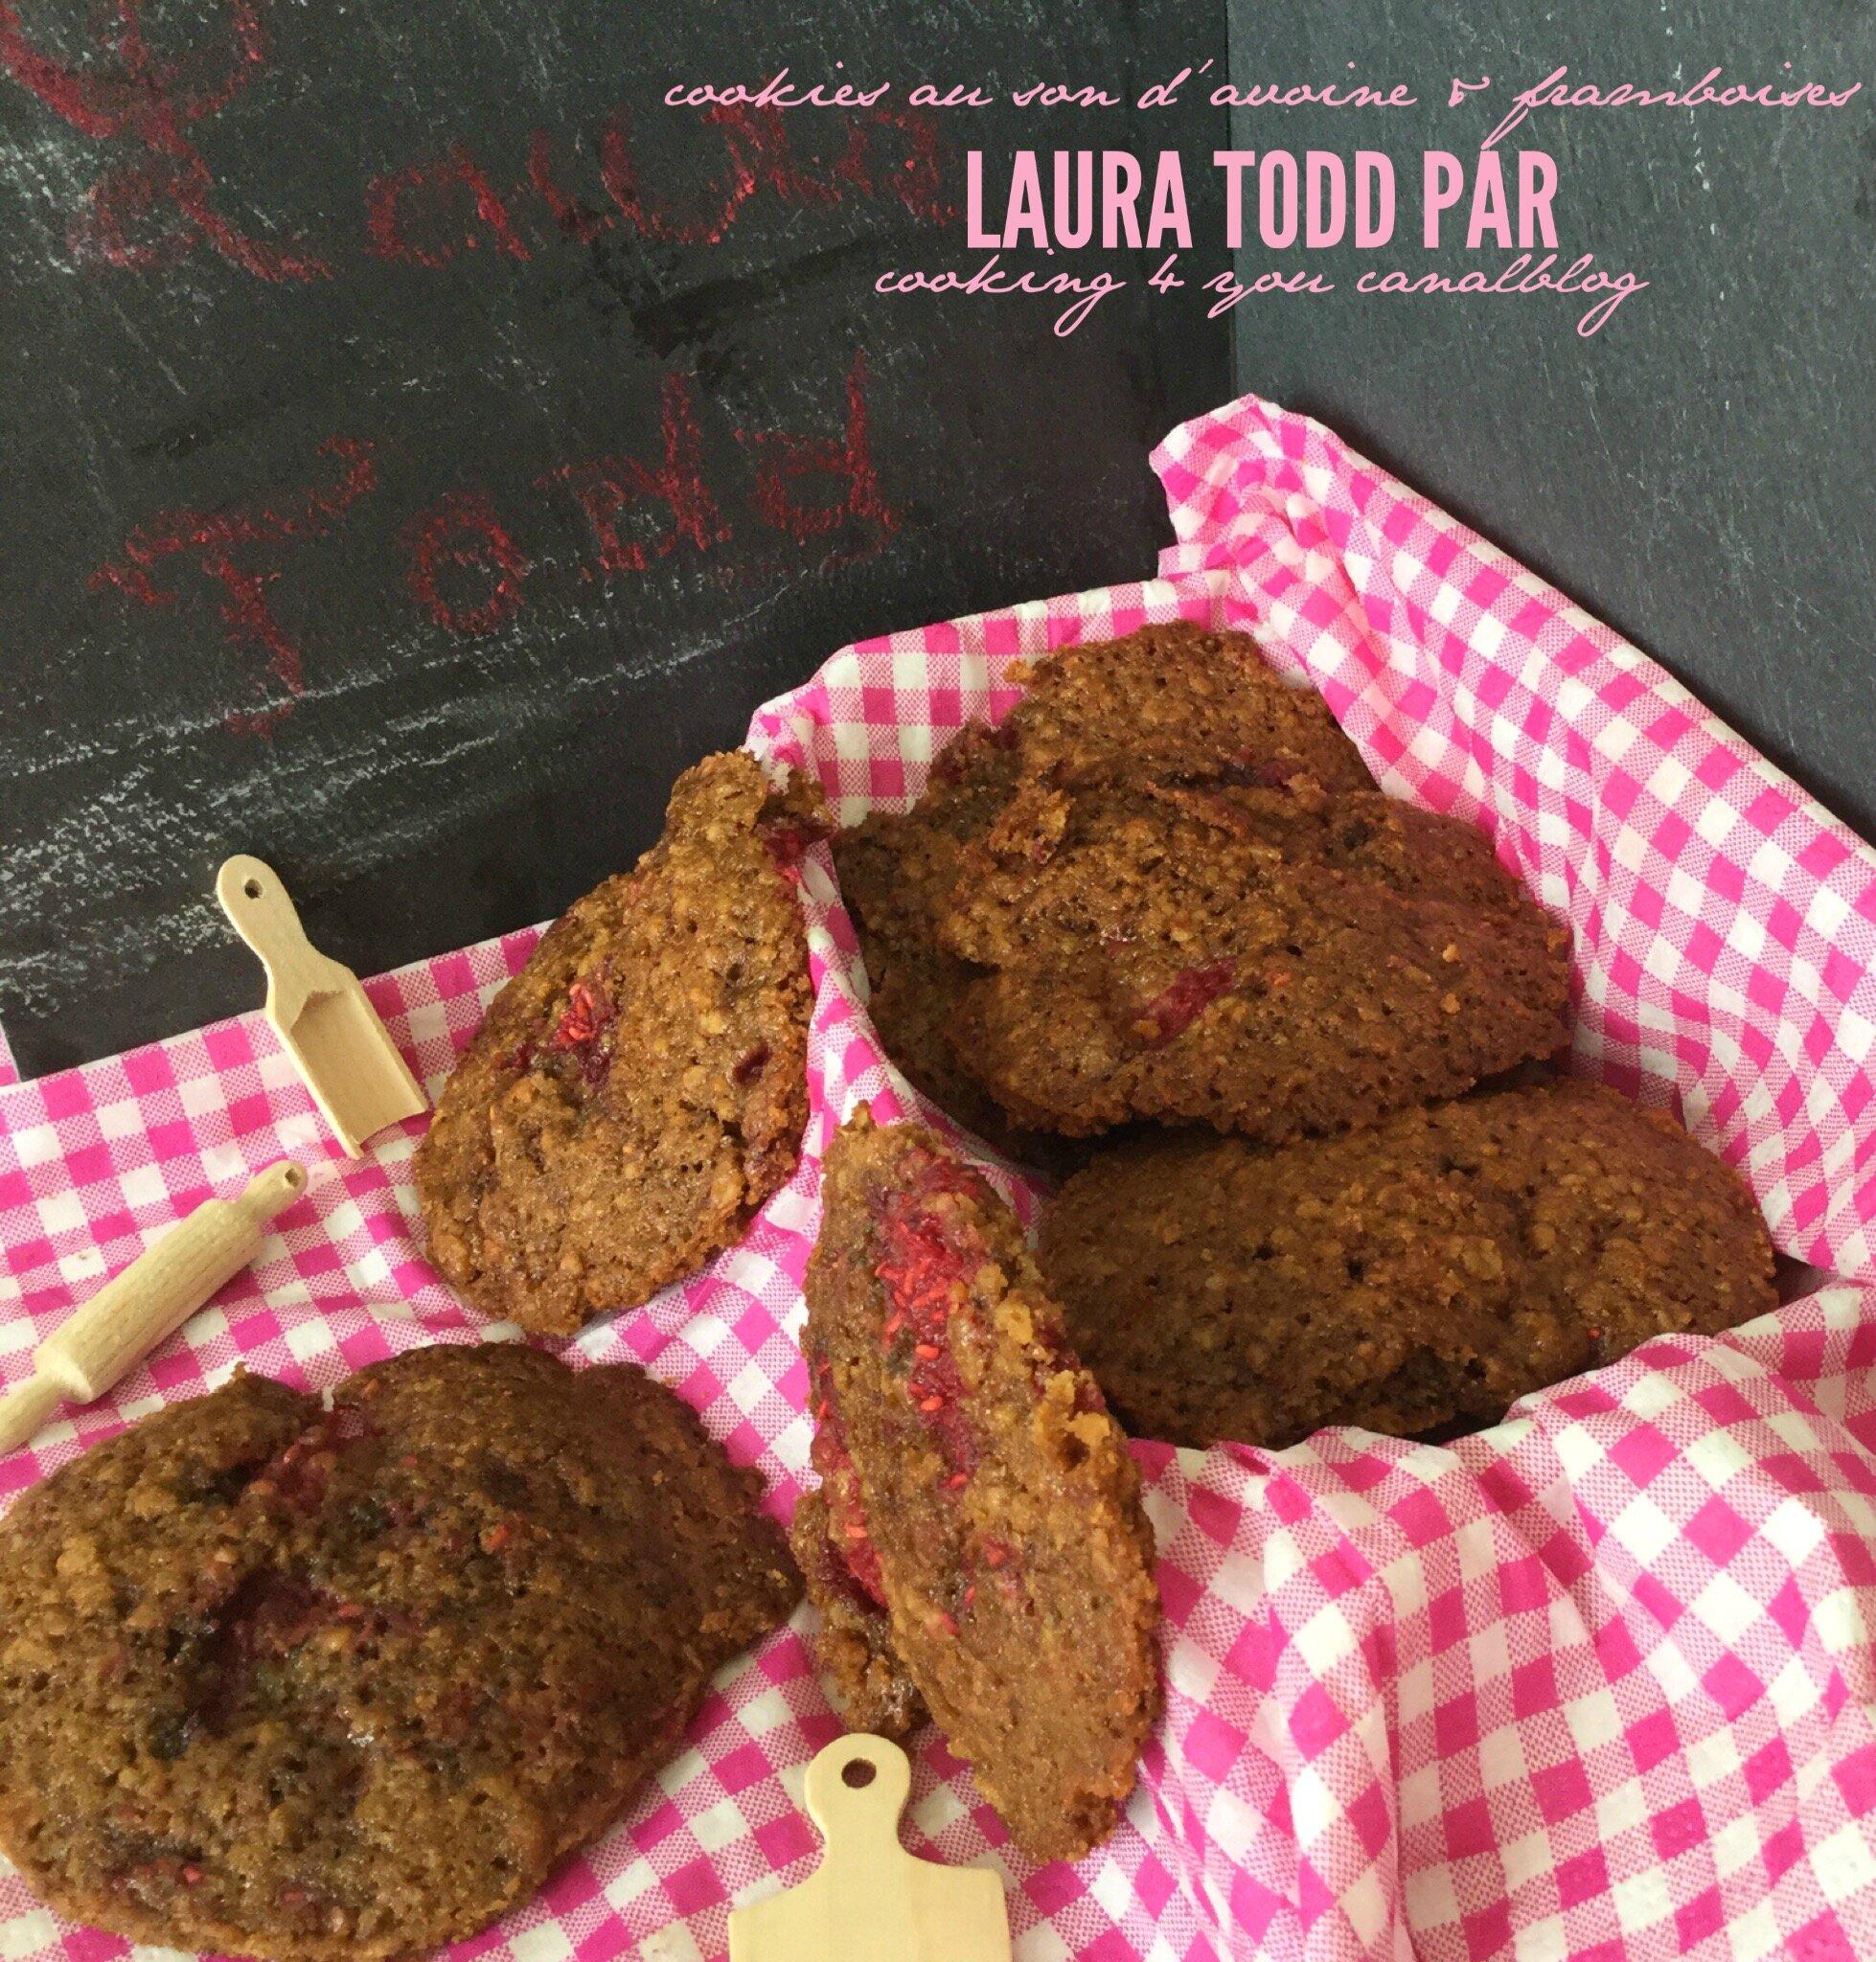 Cookies au son d'avoine & framboises de Laura Todd